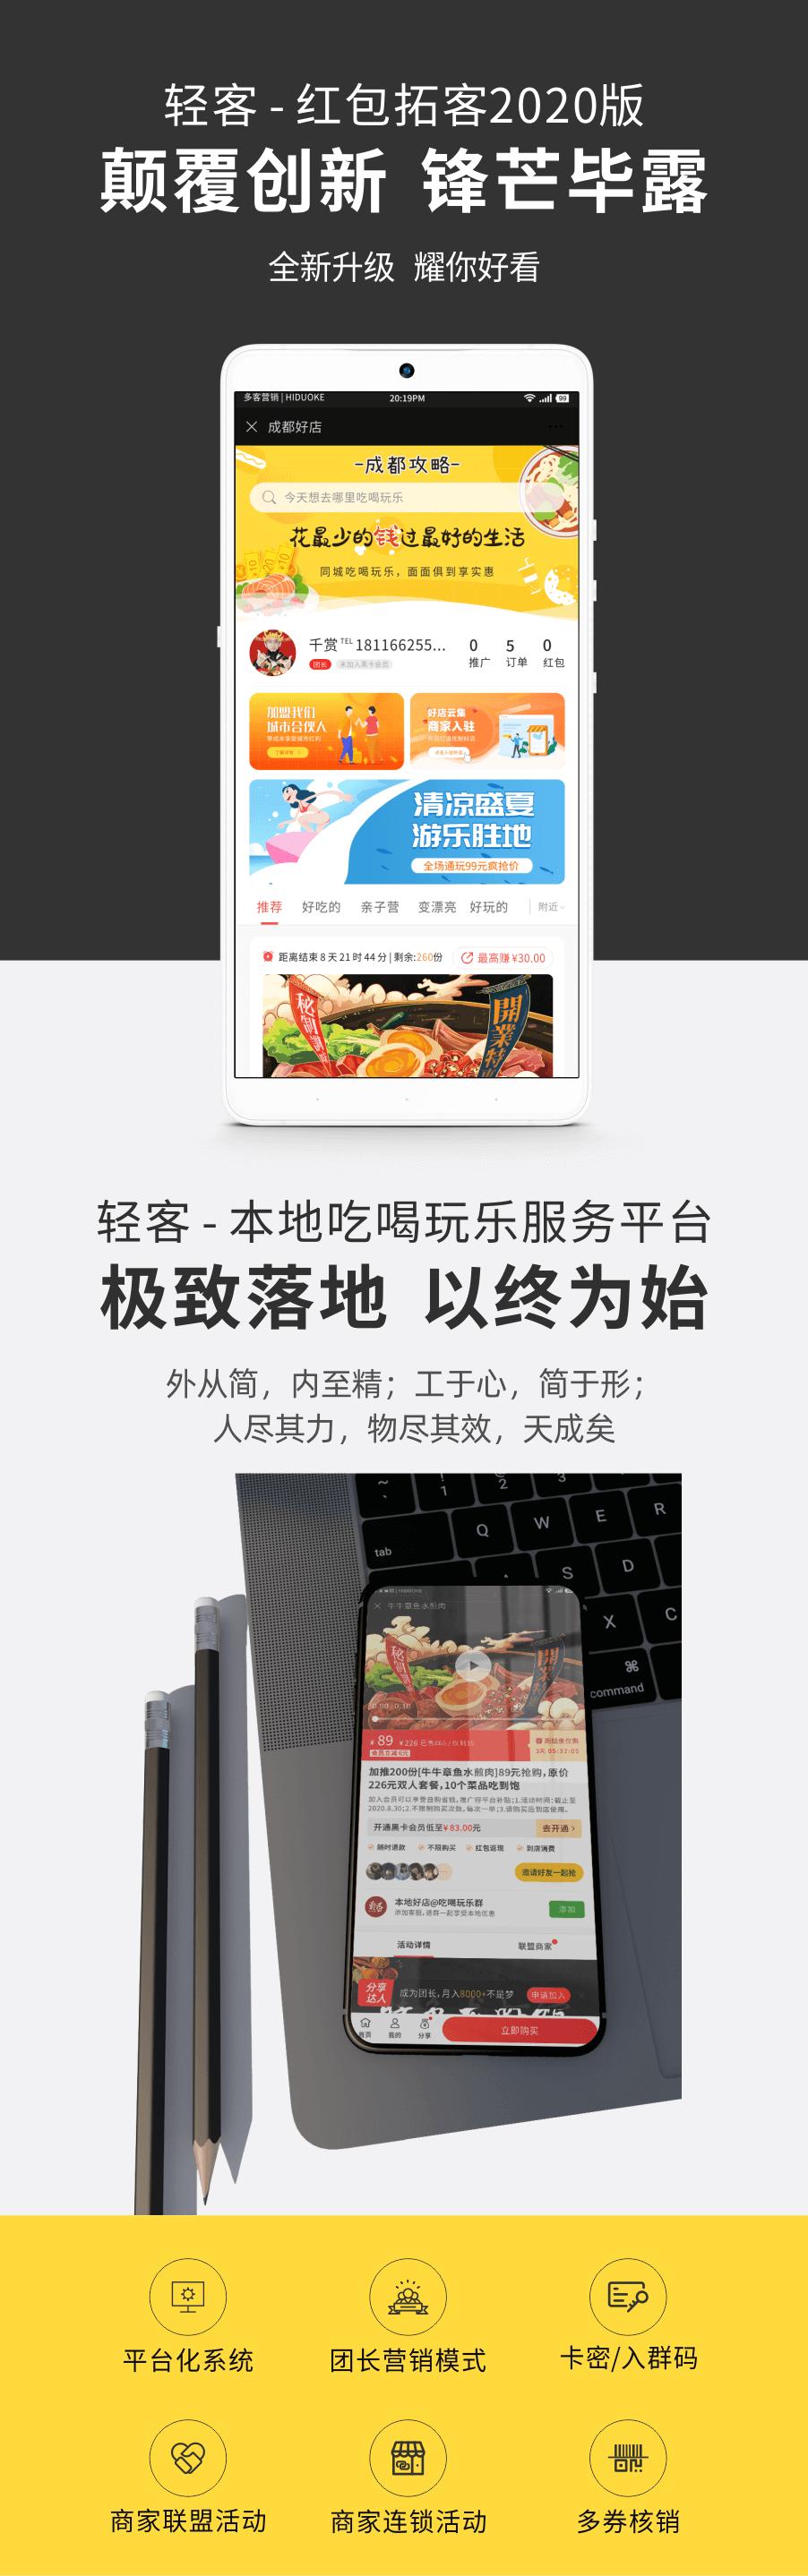 轻客海报2020原_02.png